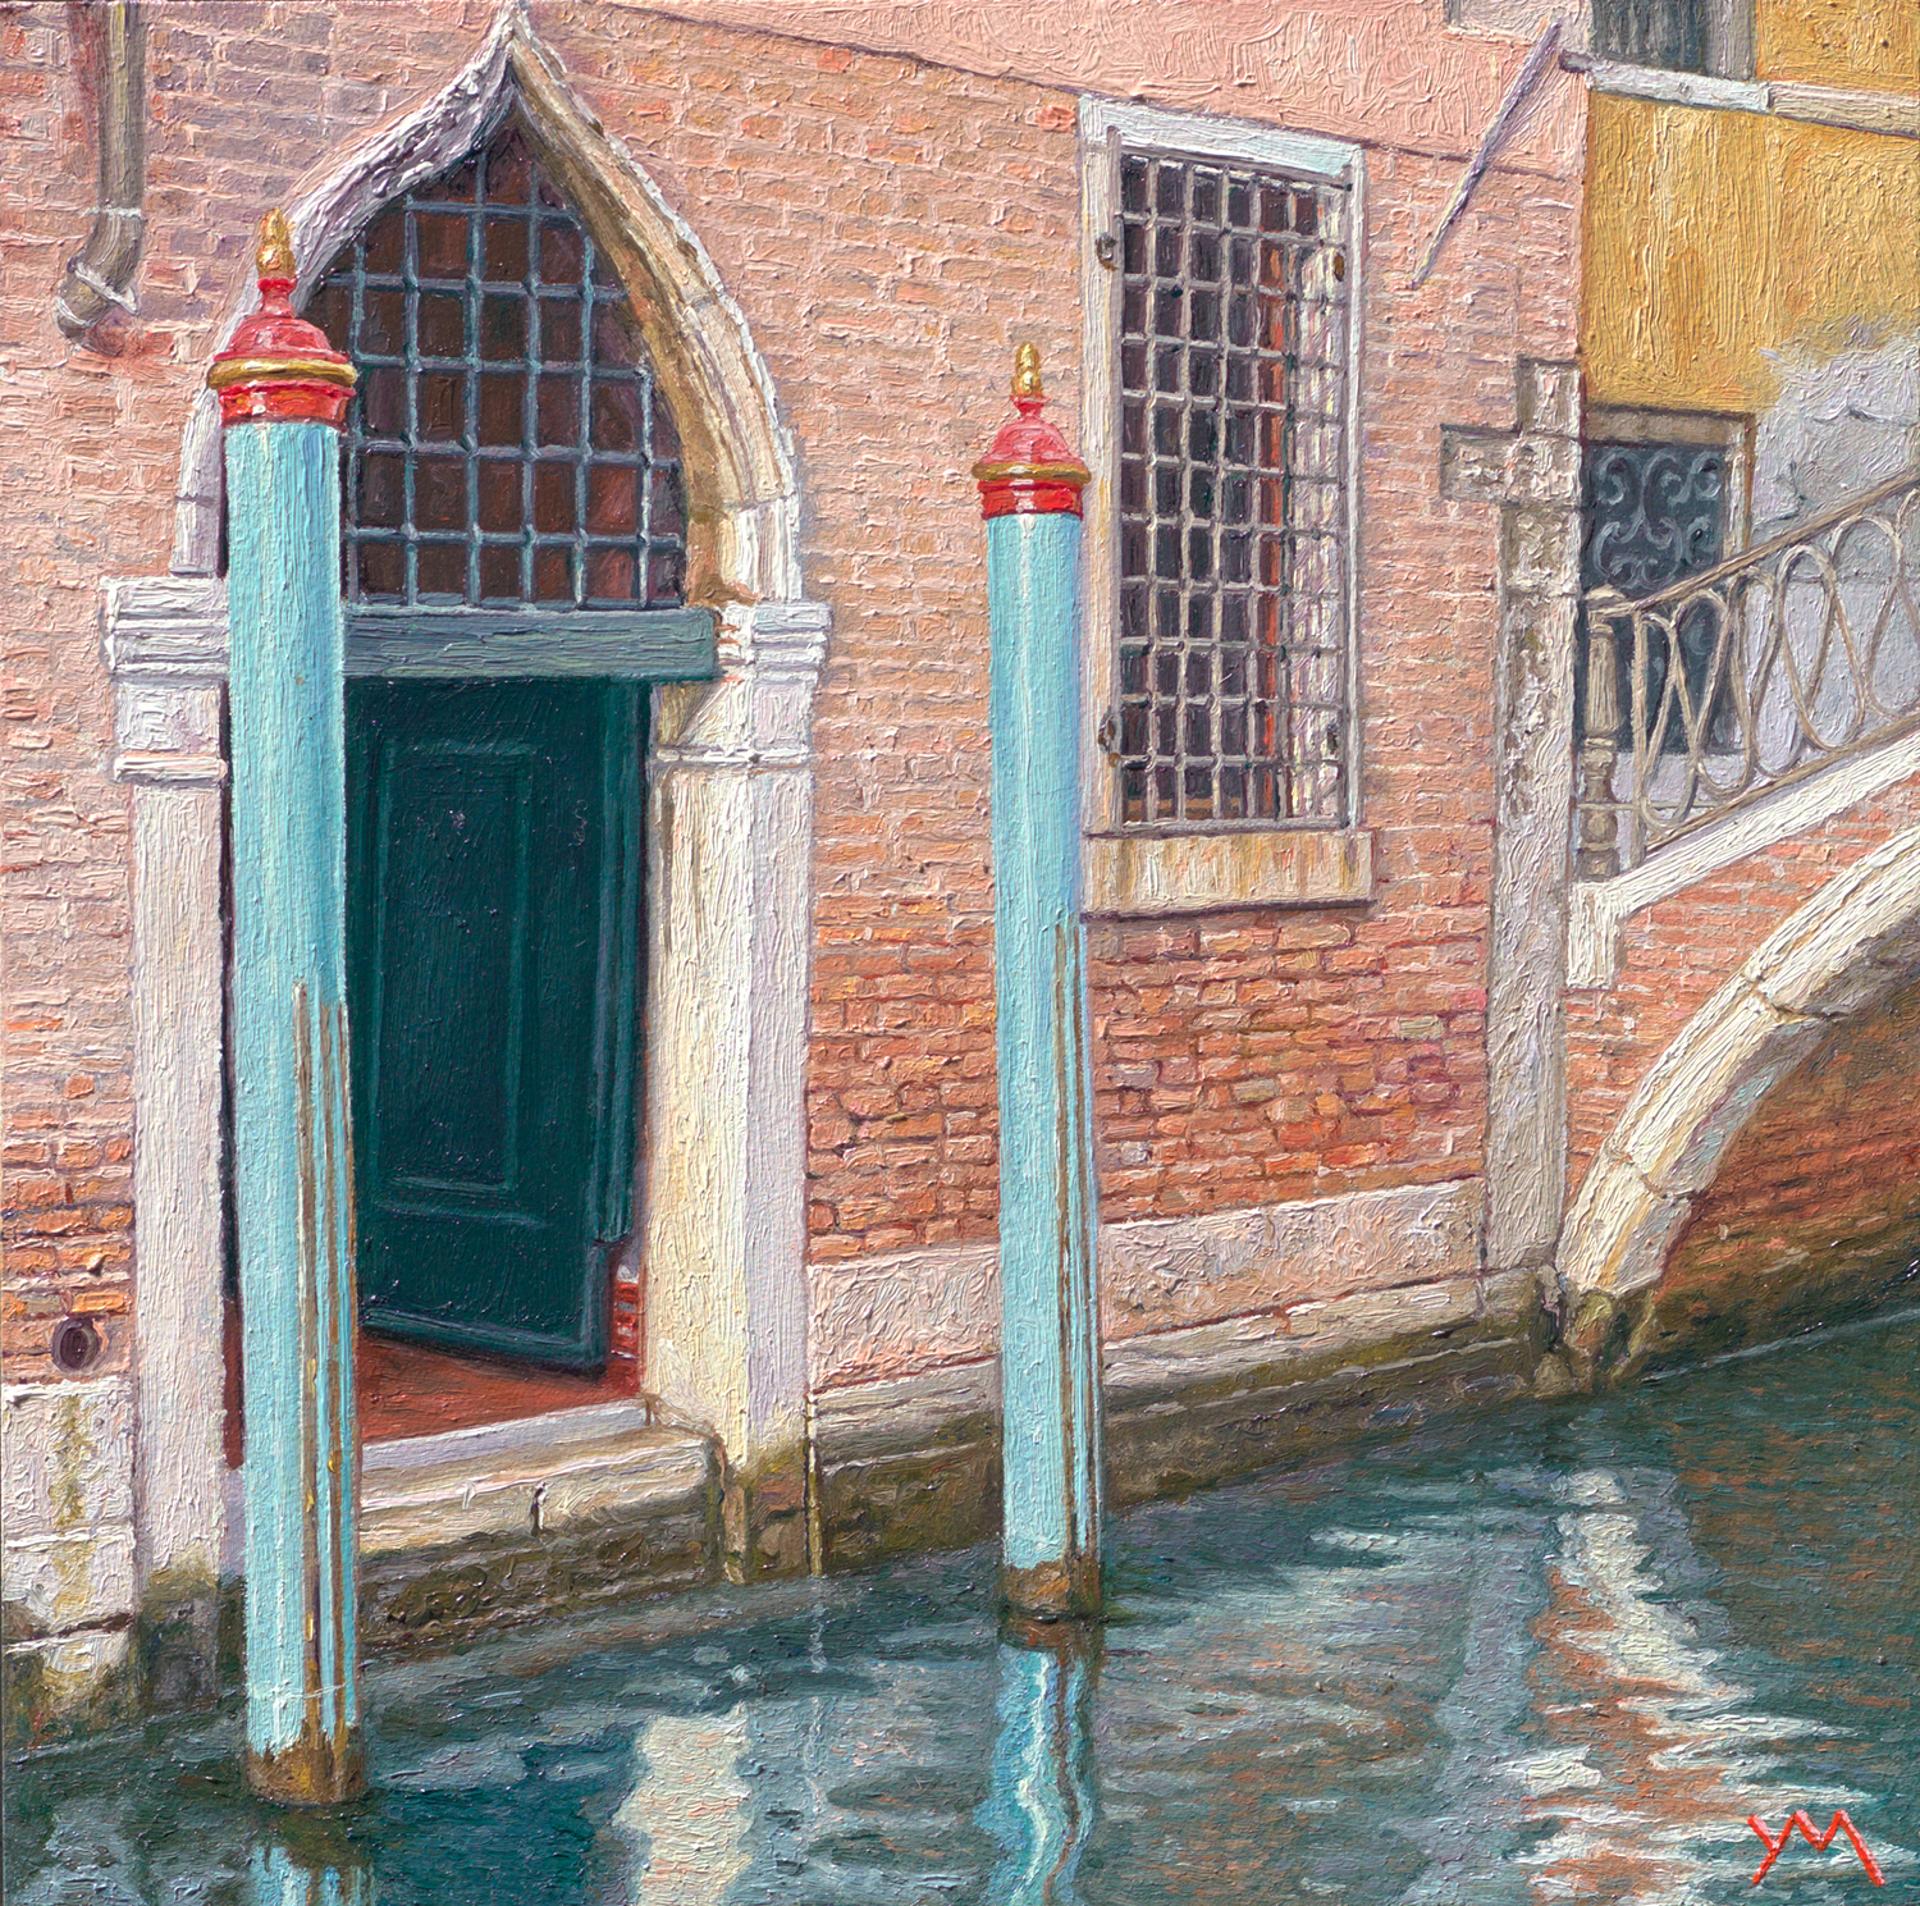 Reflections V (Autumn in Venice) by Yvonne Melchers